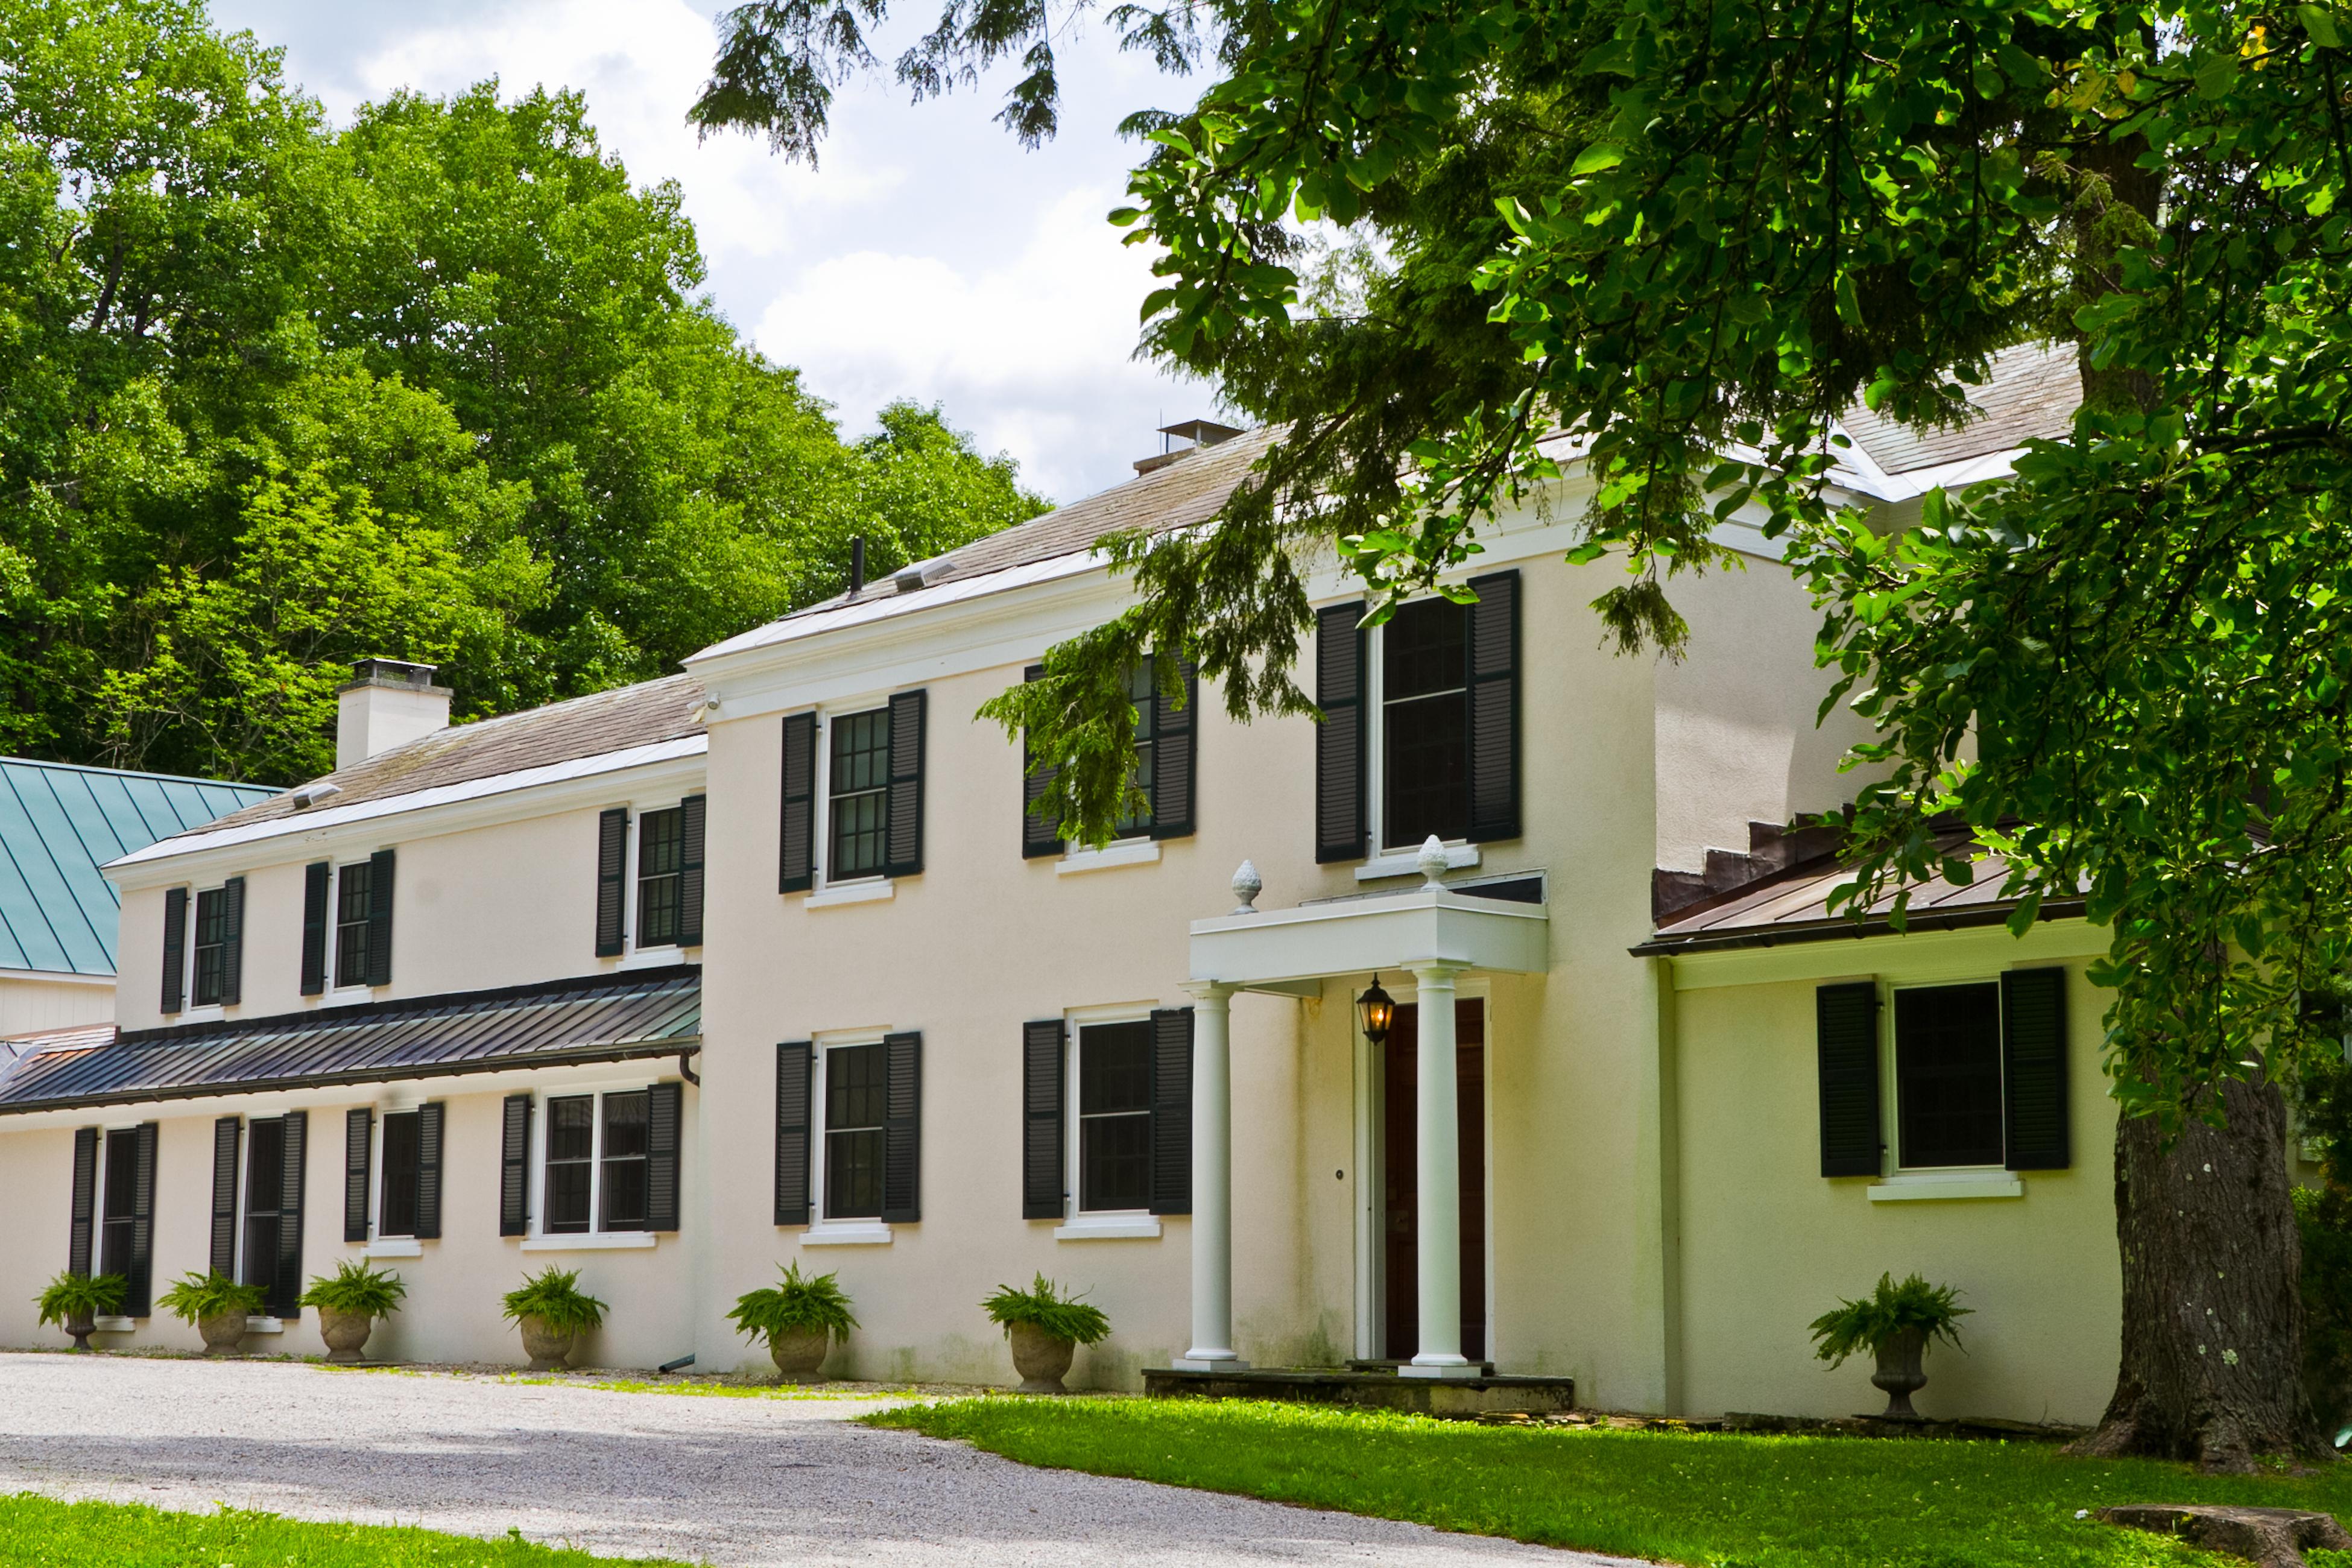 独户住宅 为 销售 在 Beautifully Updated 1920s Estate Home on 29 Acres, with Continental Panache 190 Torrey Woods Rd. Williamstown, 马萨诸塞州 01267 美国